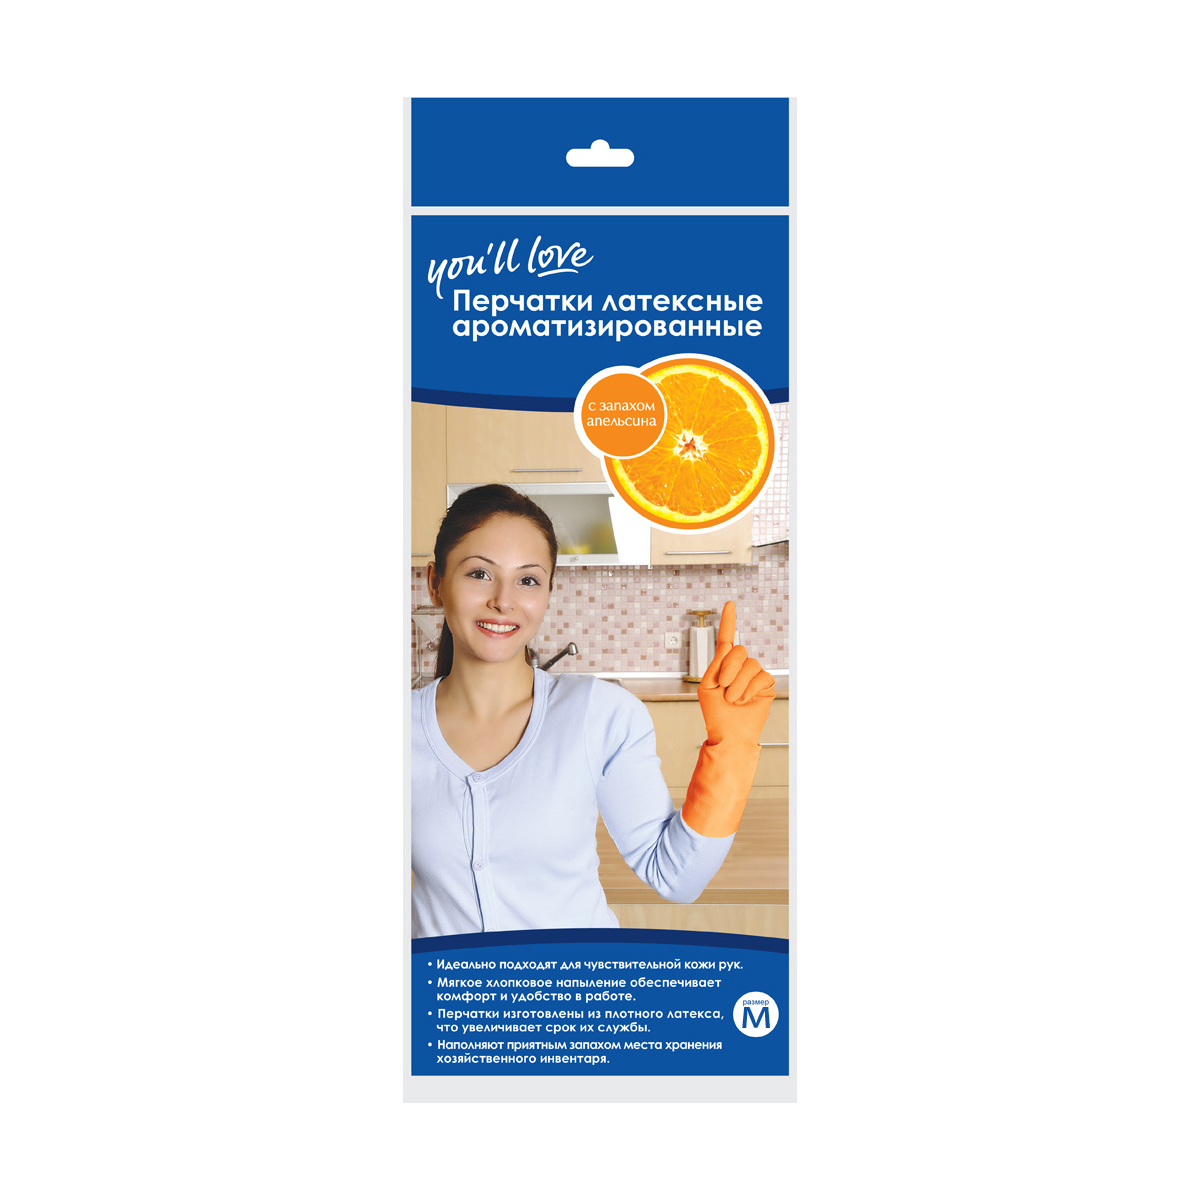 Перчатки латексные ароматизированные Youll love, аромат апельсина. Размер MK100Перчатки латексные ароматизированные Youll love с хлопковым напылением защищают ваши руки от загрязнений, воздействия моющих и чистящих средств. Приятный аромат при использовании и в местах хранения. Плотный латекс увеличивает срок службы перчаток. Рифленая поверхность в области ладони защищает от скольжения.